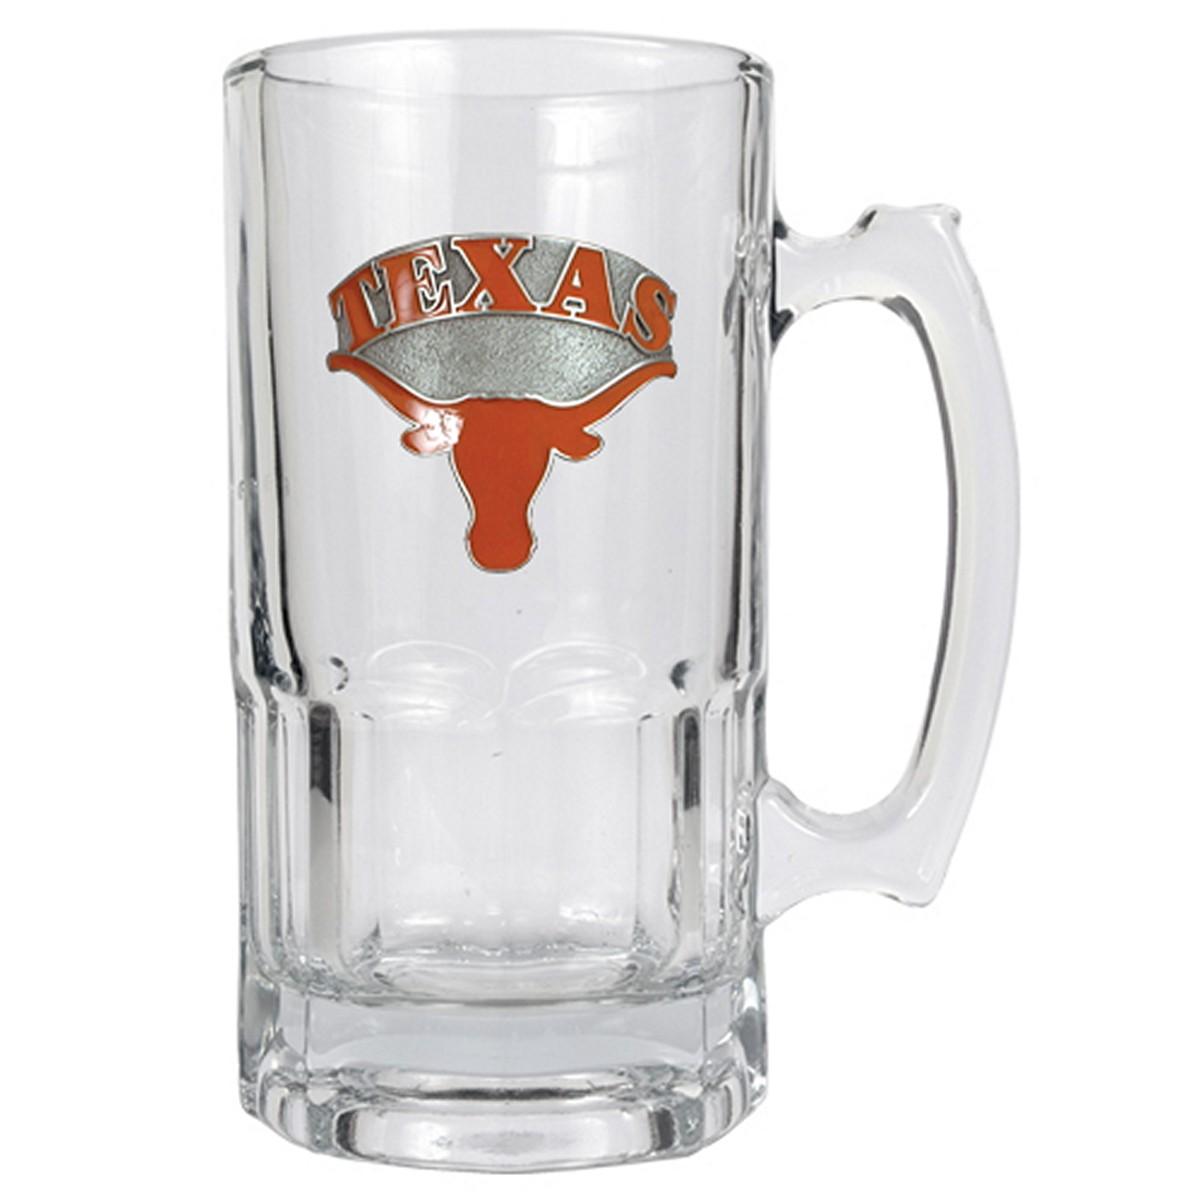 Texas Longhorns Large Beer Mug (Engravable)